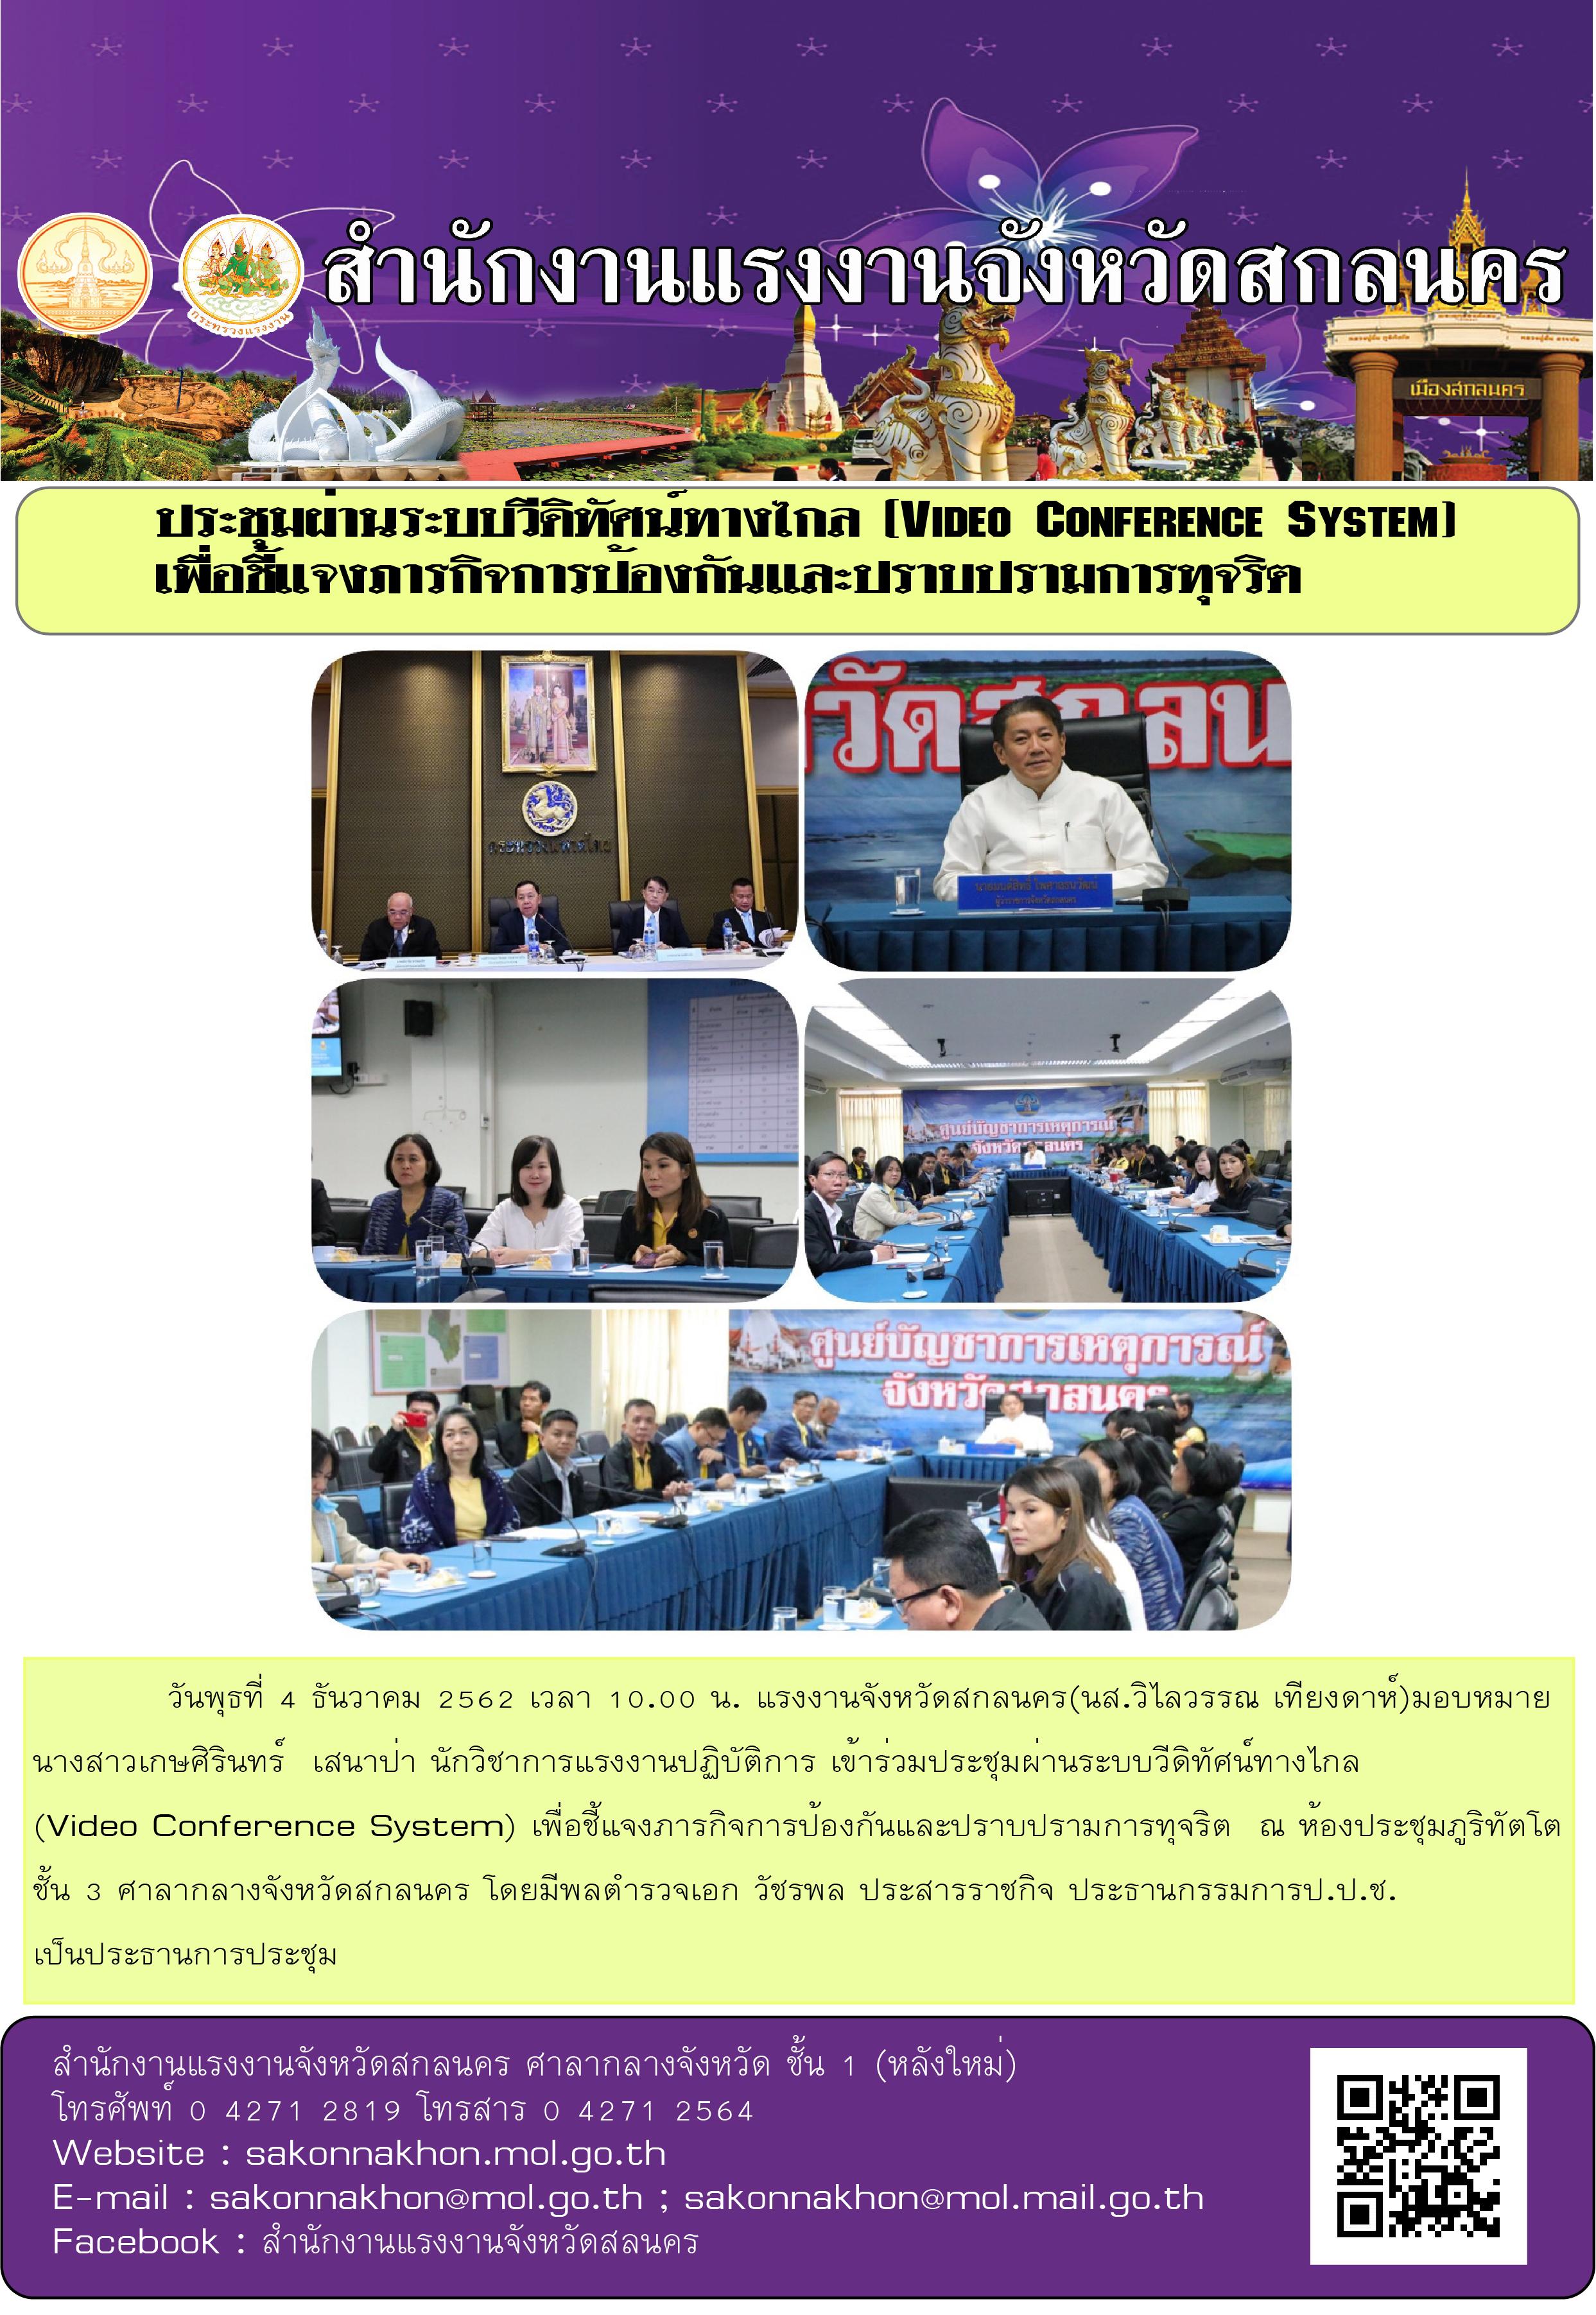 ร่วมประชุมผ่านระบบวีดิทัศน์ทางไกล (Video Conference System) เพื่อชี้แจงภารกิจการป้องกันและปราบปรามการทุจริต